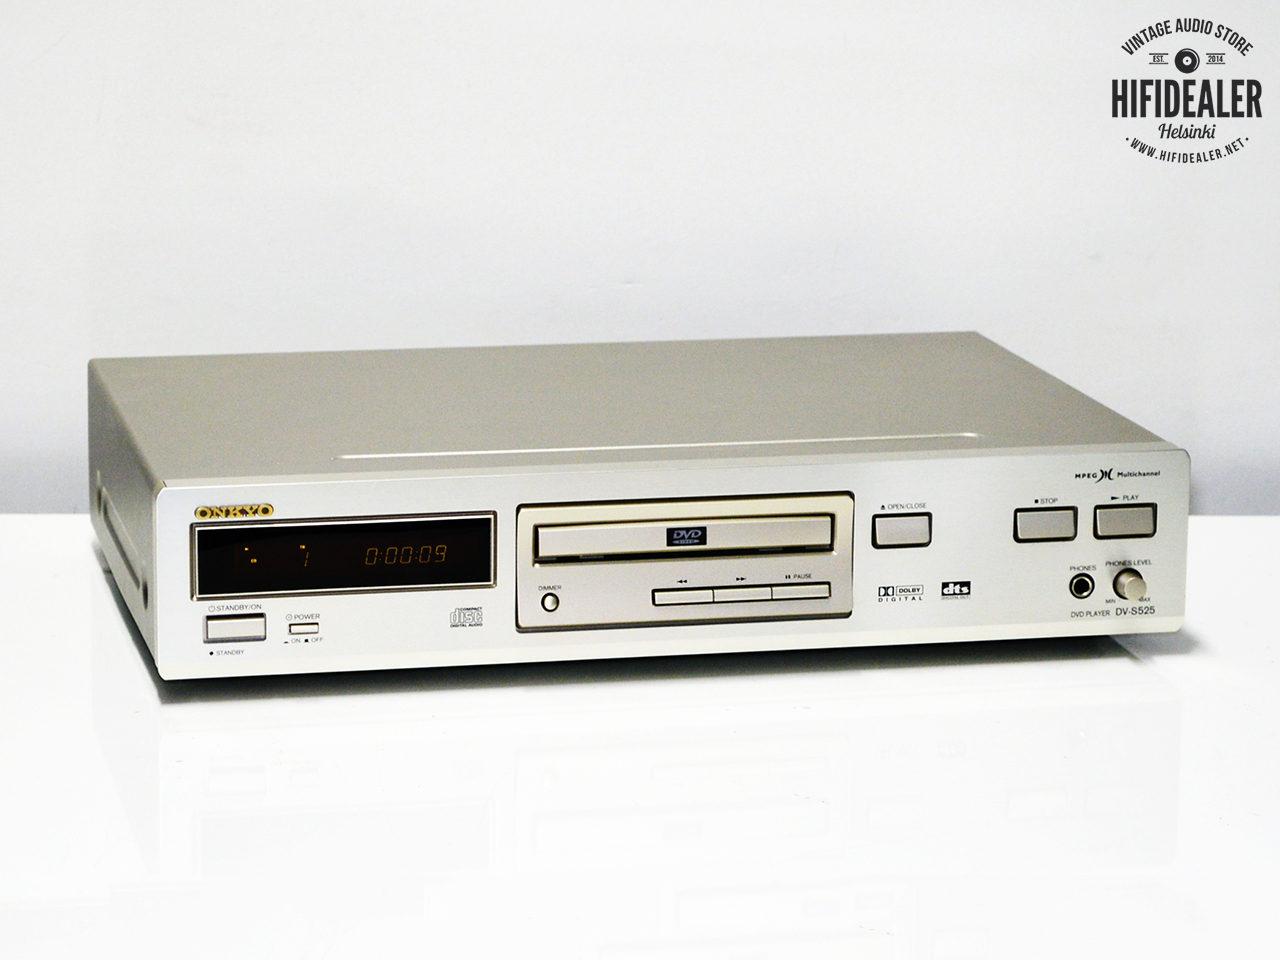 onkyo-dv-s525